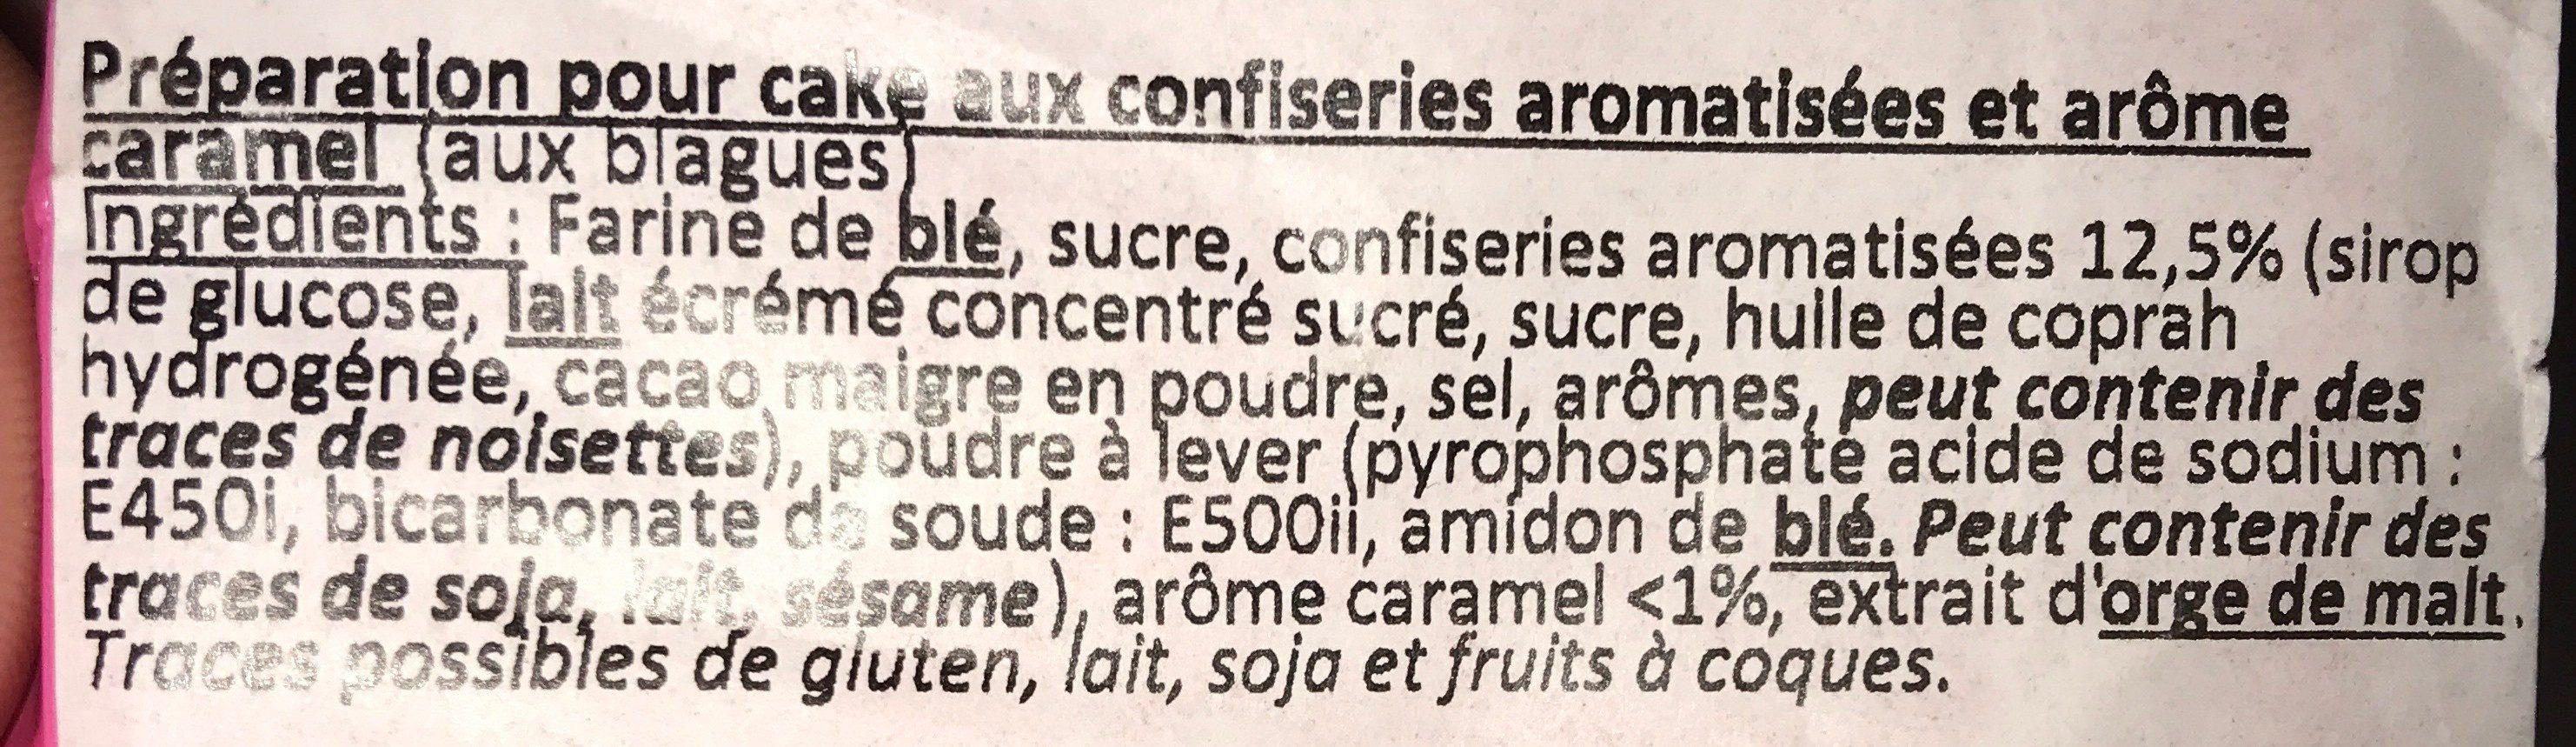 Préparation pour cake aux blagues - Ingredients - fr